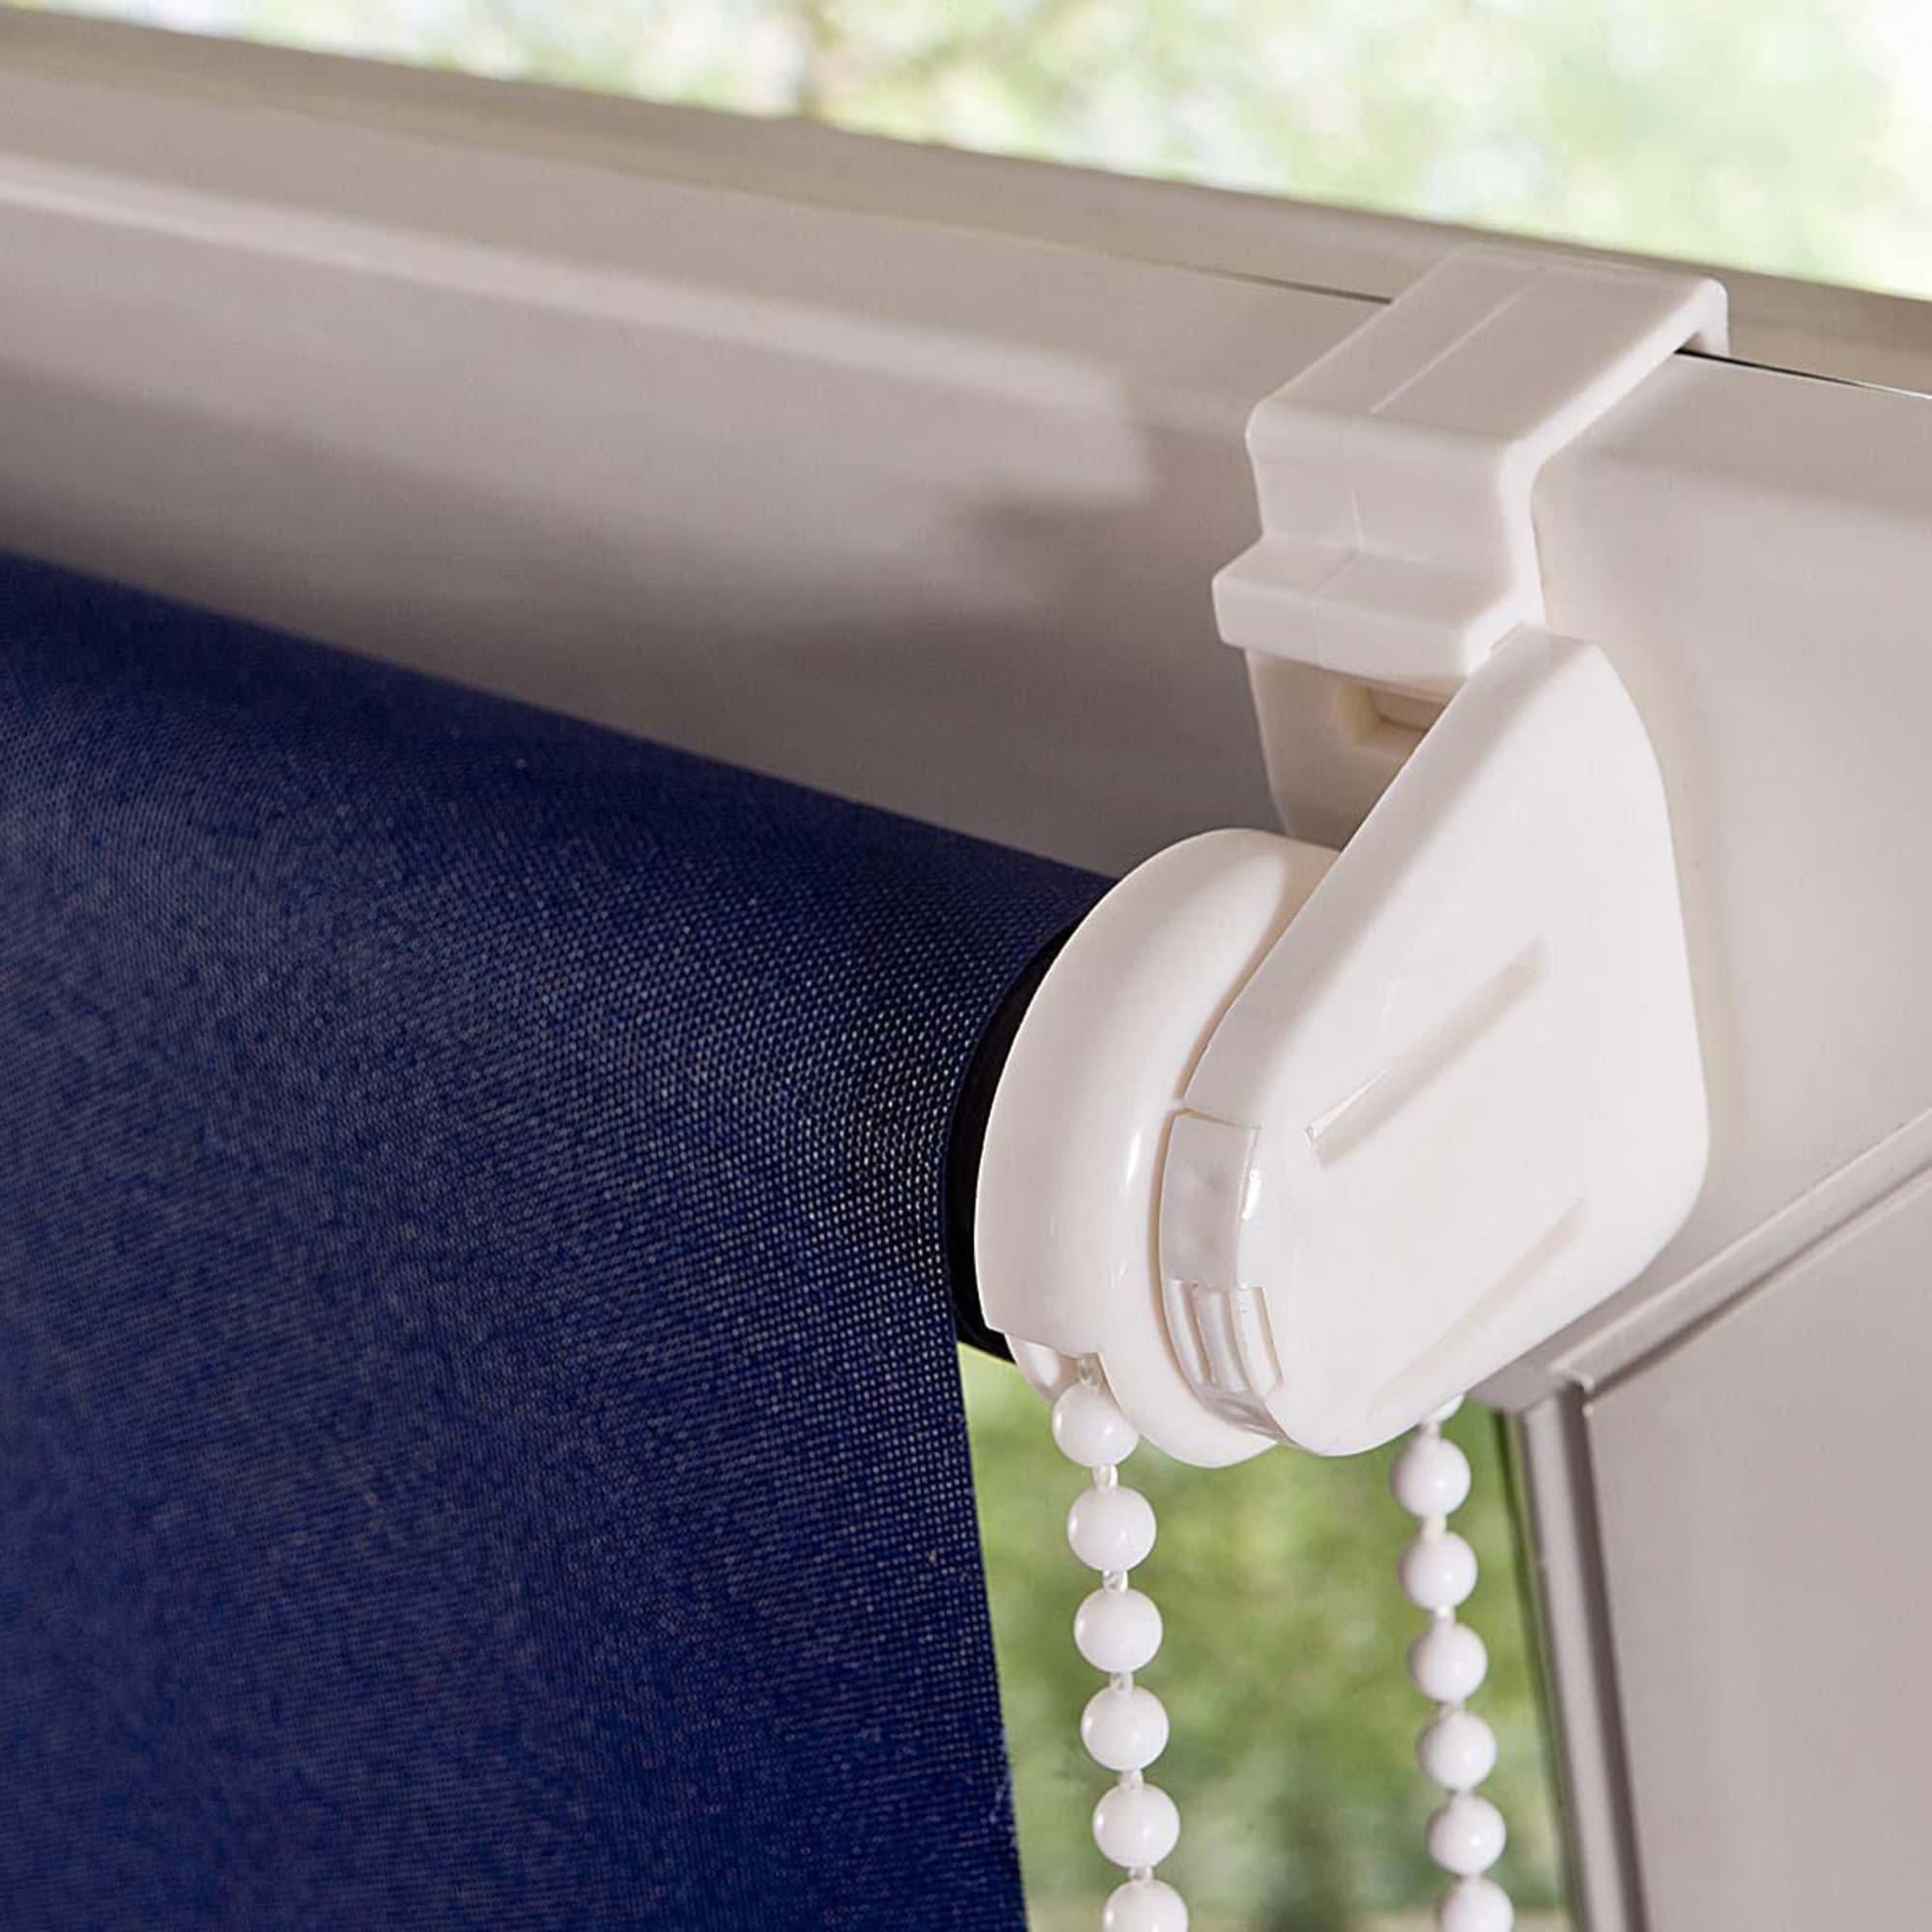 Klemmfix-Rollo Lichtdurchlässig, einfache Montage ohne Bohren, Polyester